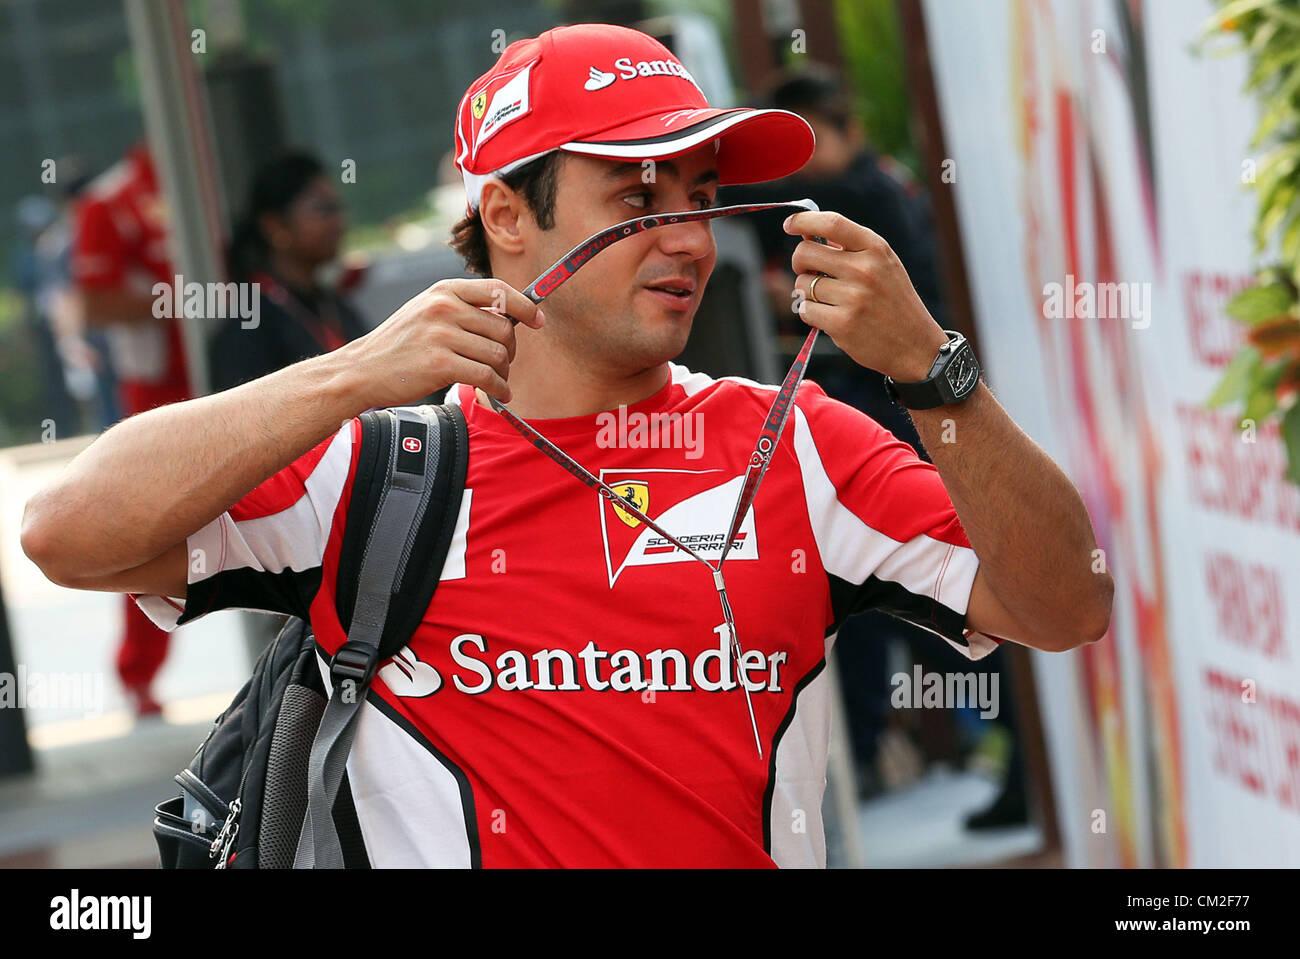 20.09.2012. Singapour. Pilote de Formule 1 brésilien Felipe Massa, de Ferrari arrive à l'enclos de l'Marina-Bay Banque D'Images